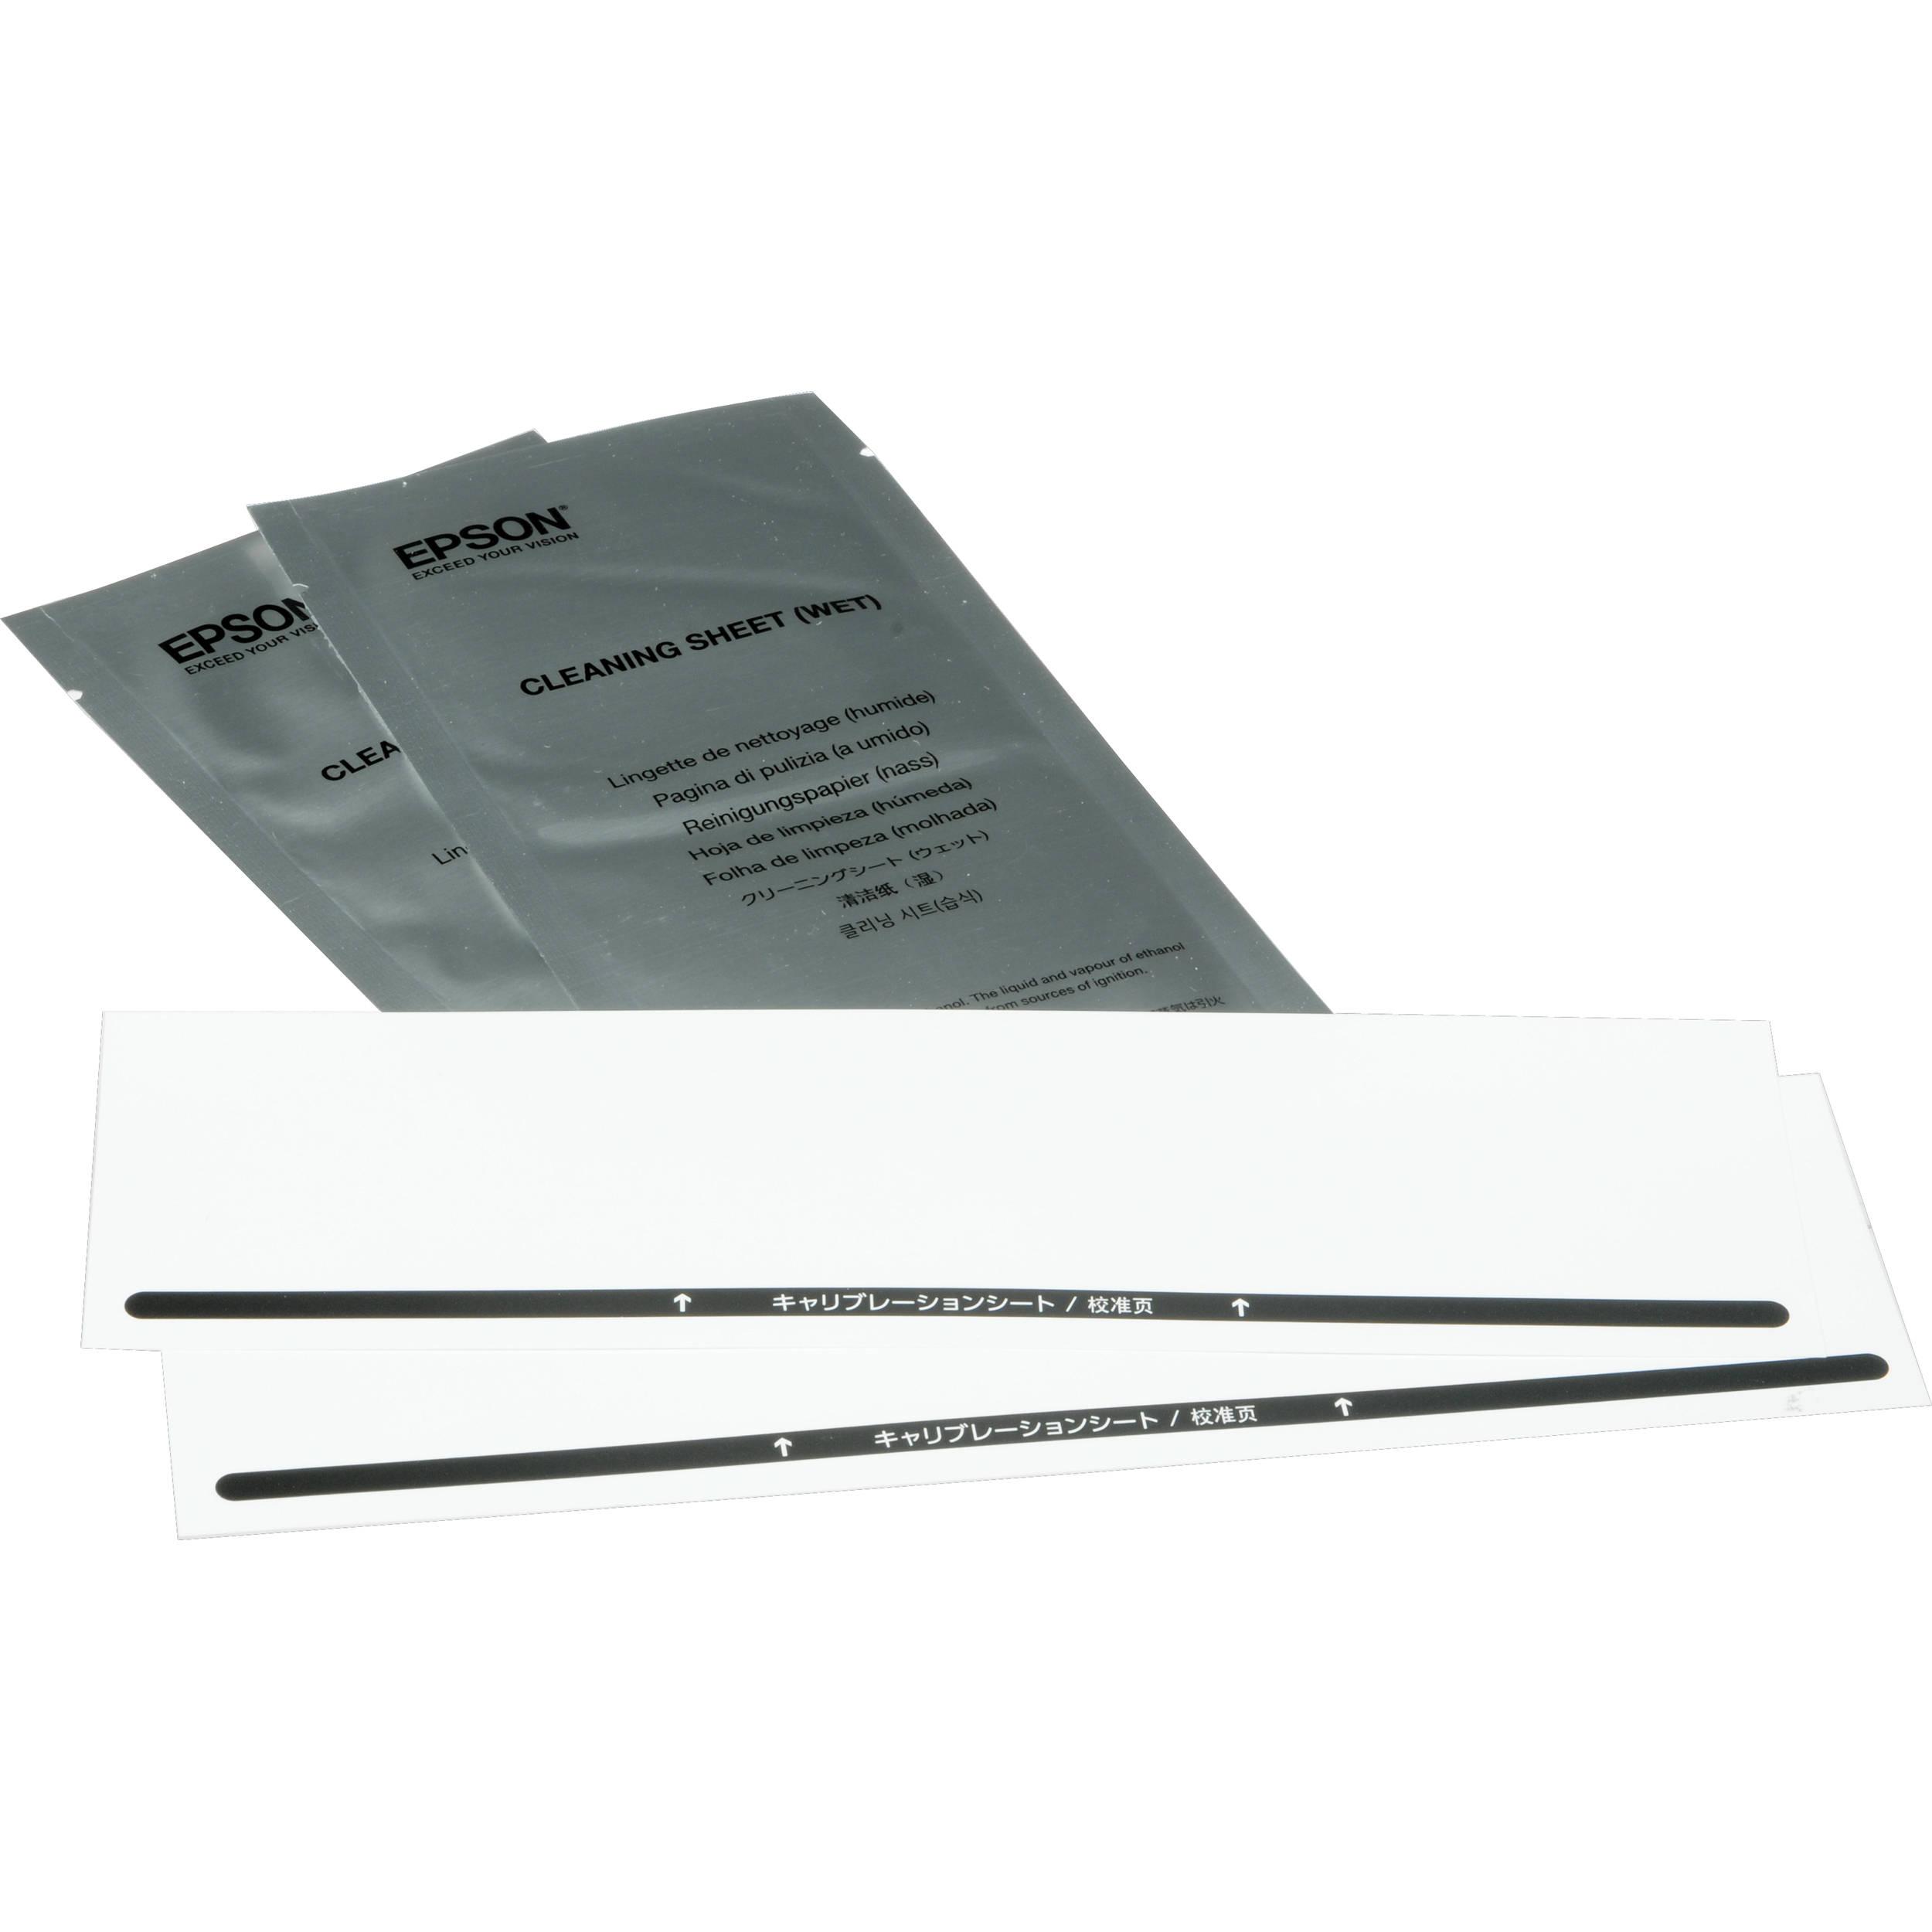 Epson Maintenance Sheet Kit For Ds 30 Scanner B12b818291 Bh